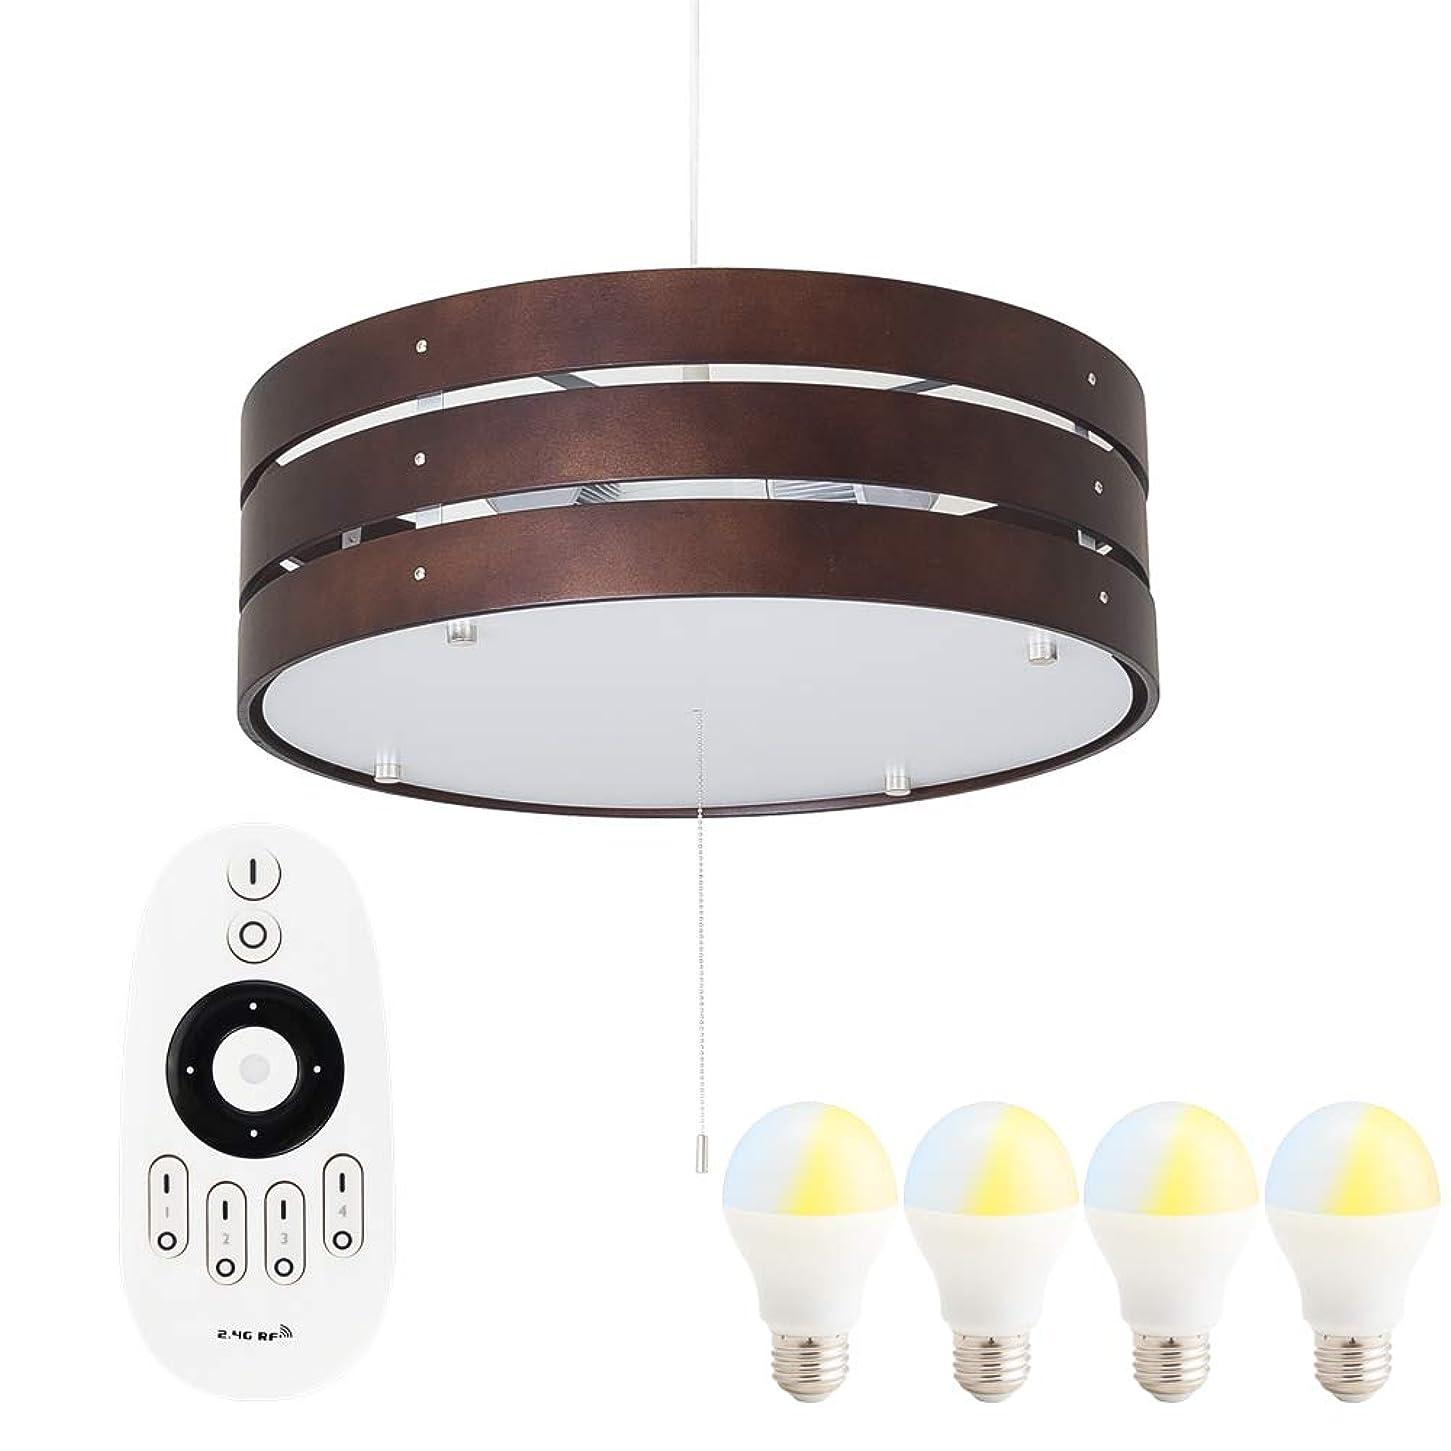 基礎杖ブリークペンダントライト 4灯 和風 スポットライト LED電球E26付き40W形 調光 調色 リモコン対応 (GT-DJ019-4B-6WT) 6畳 8畳 照明器具 吊り下げ シーリングライト 北欧 おしゃれ 常夜灯 天井照明 木